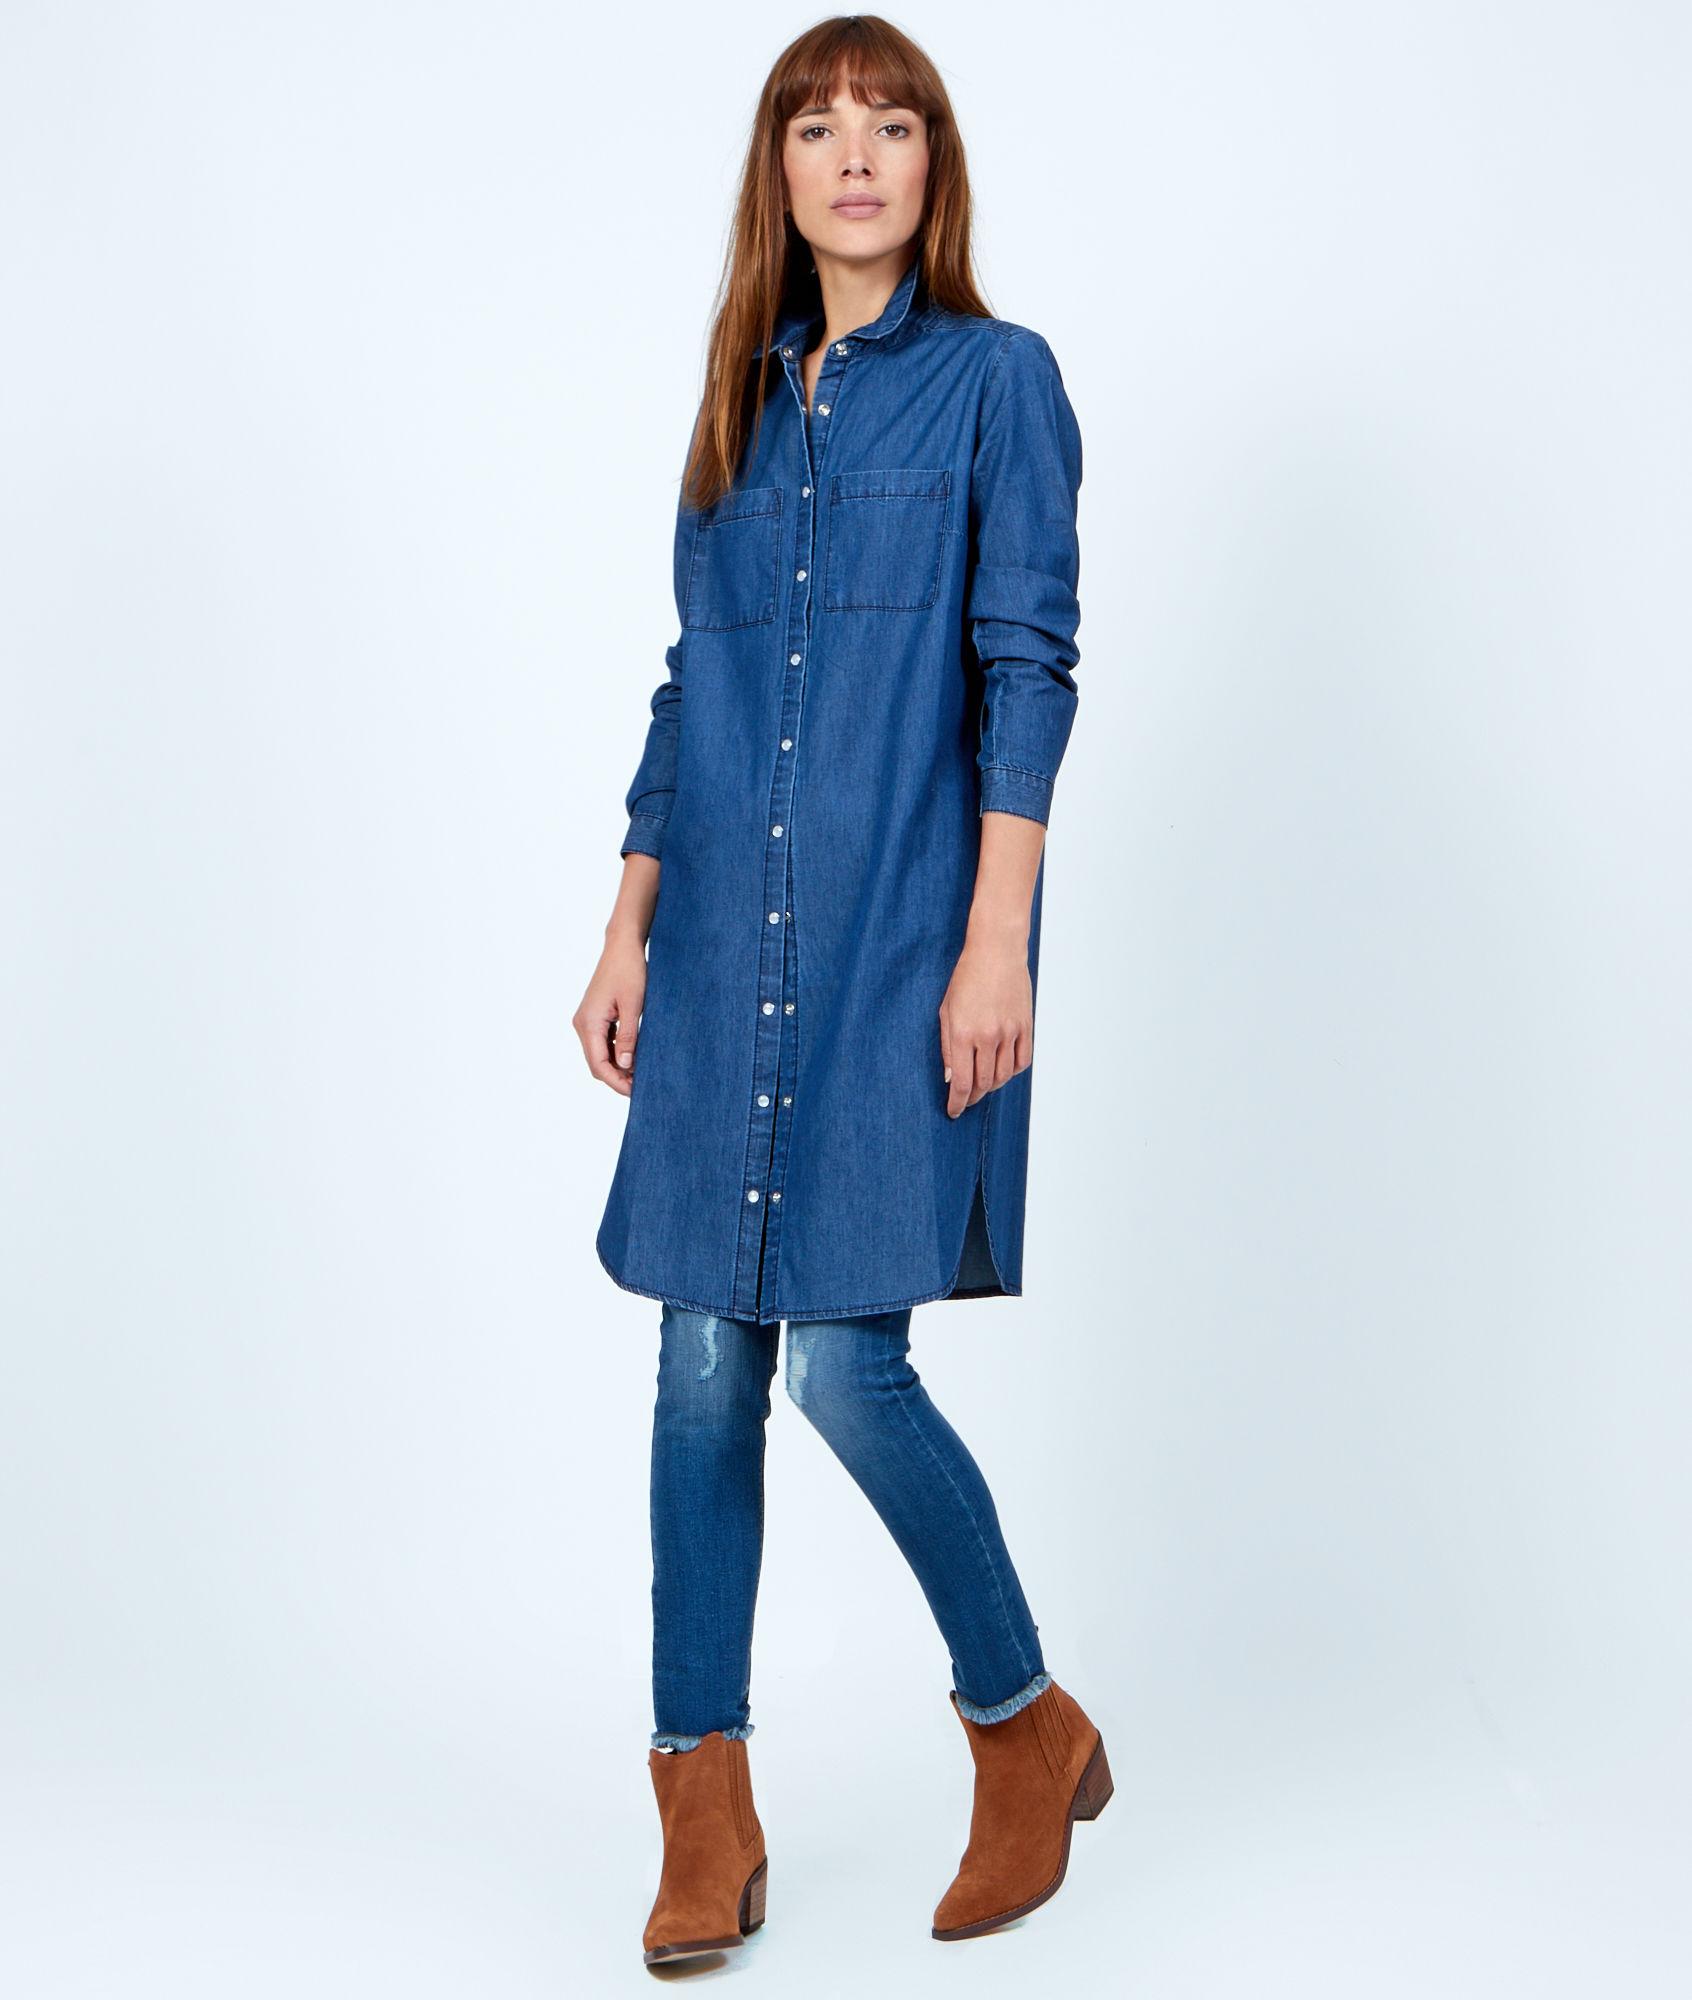 Chemise Jean Longue concernant longue chemise en jean - chapka, doudoune, pull & vetement d'hiver